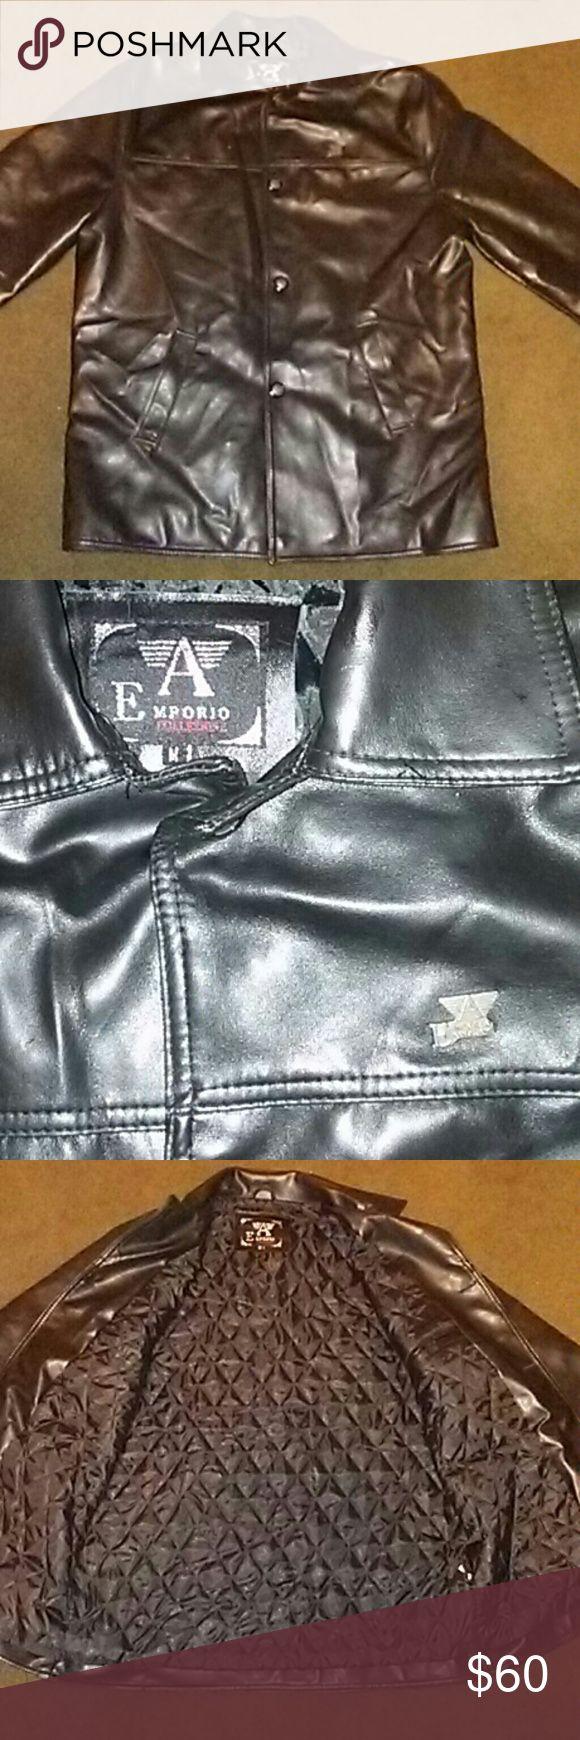 Emporio Armani leather jacket Medium Emporio Armani leather jacket in excellent Emporio Armani Jackets & Coats